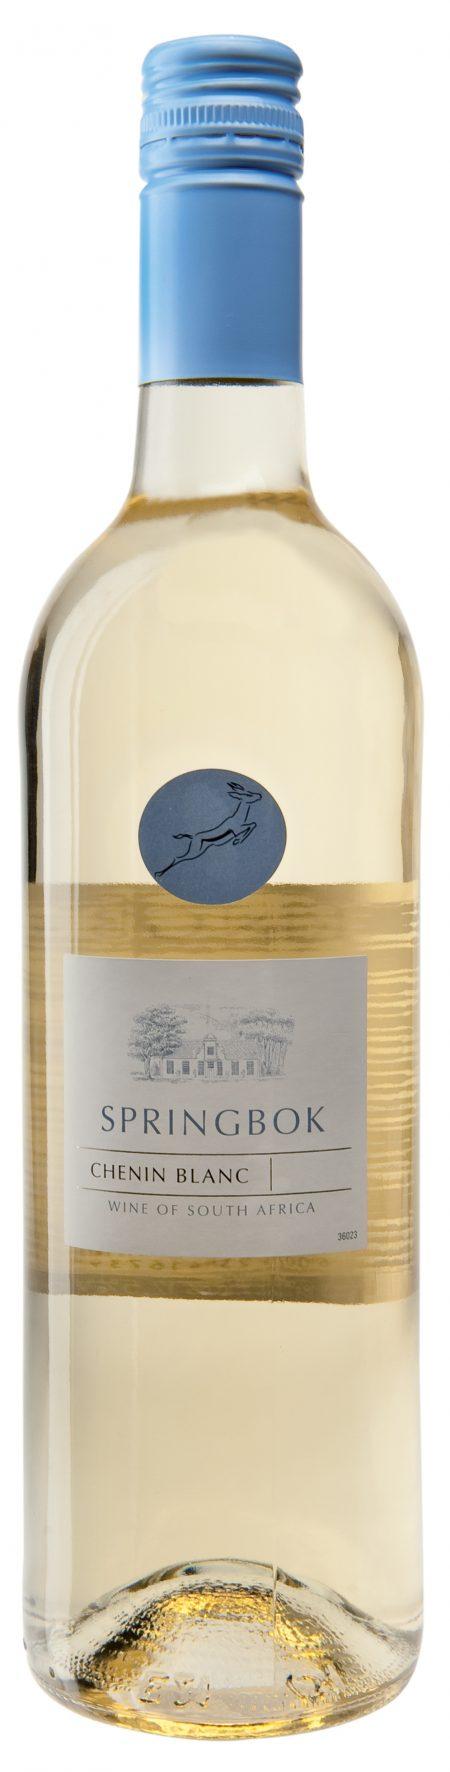 Springbok Chenin Blanc